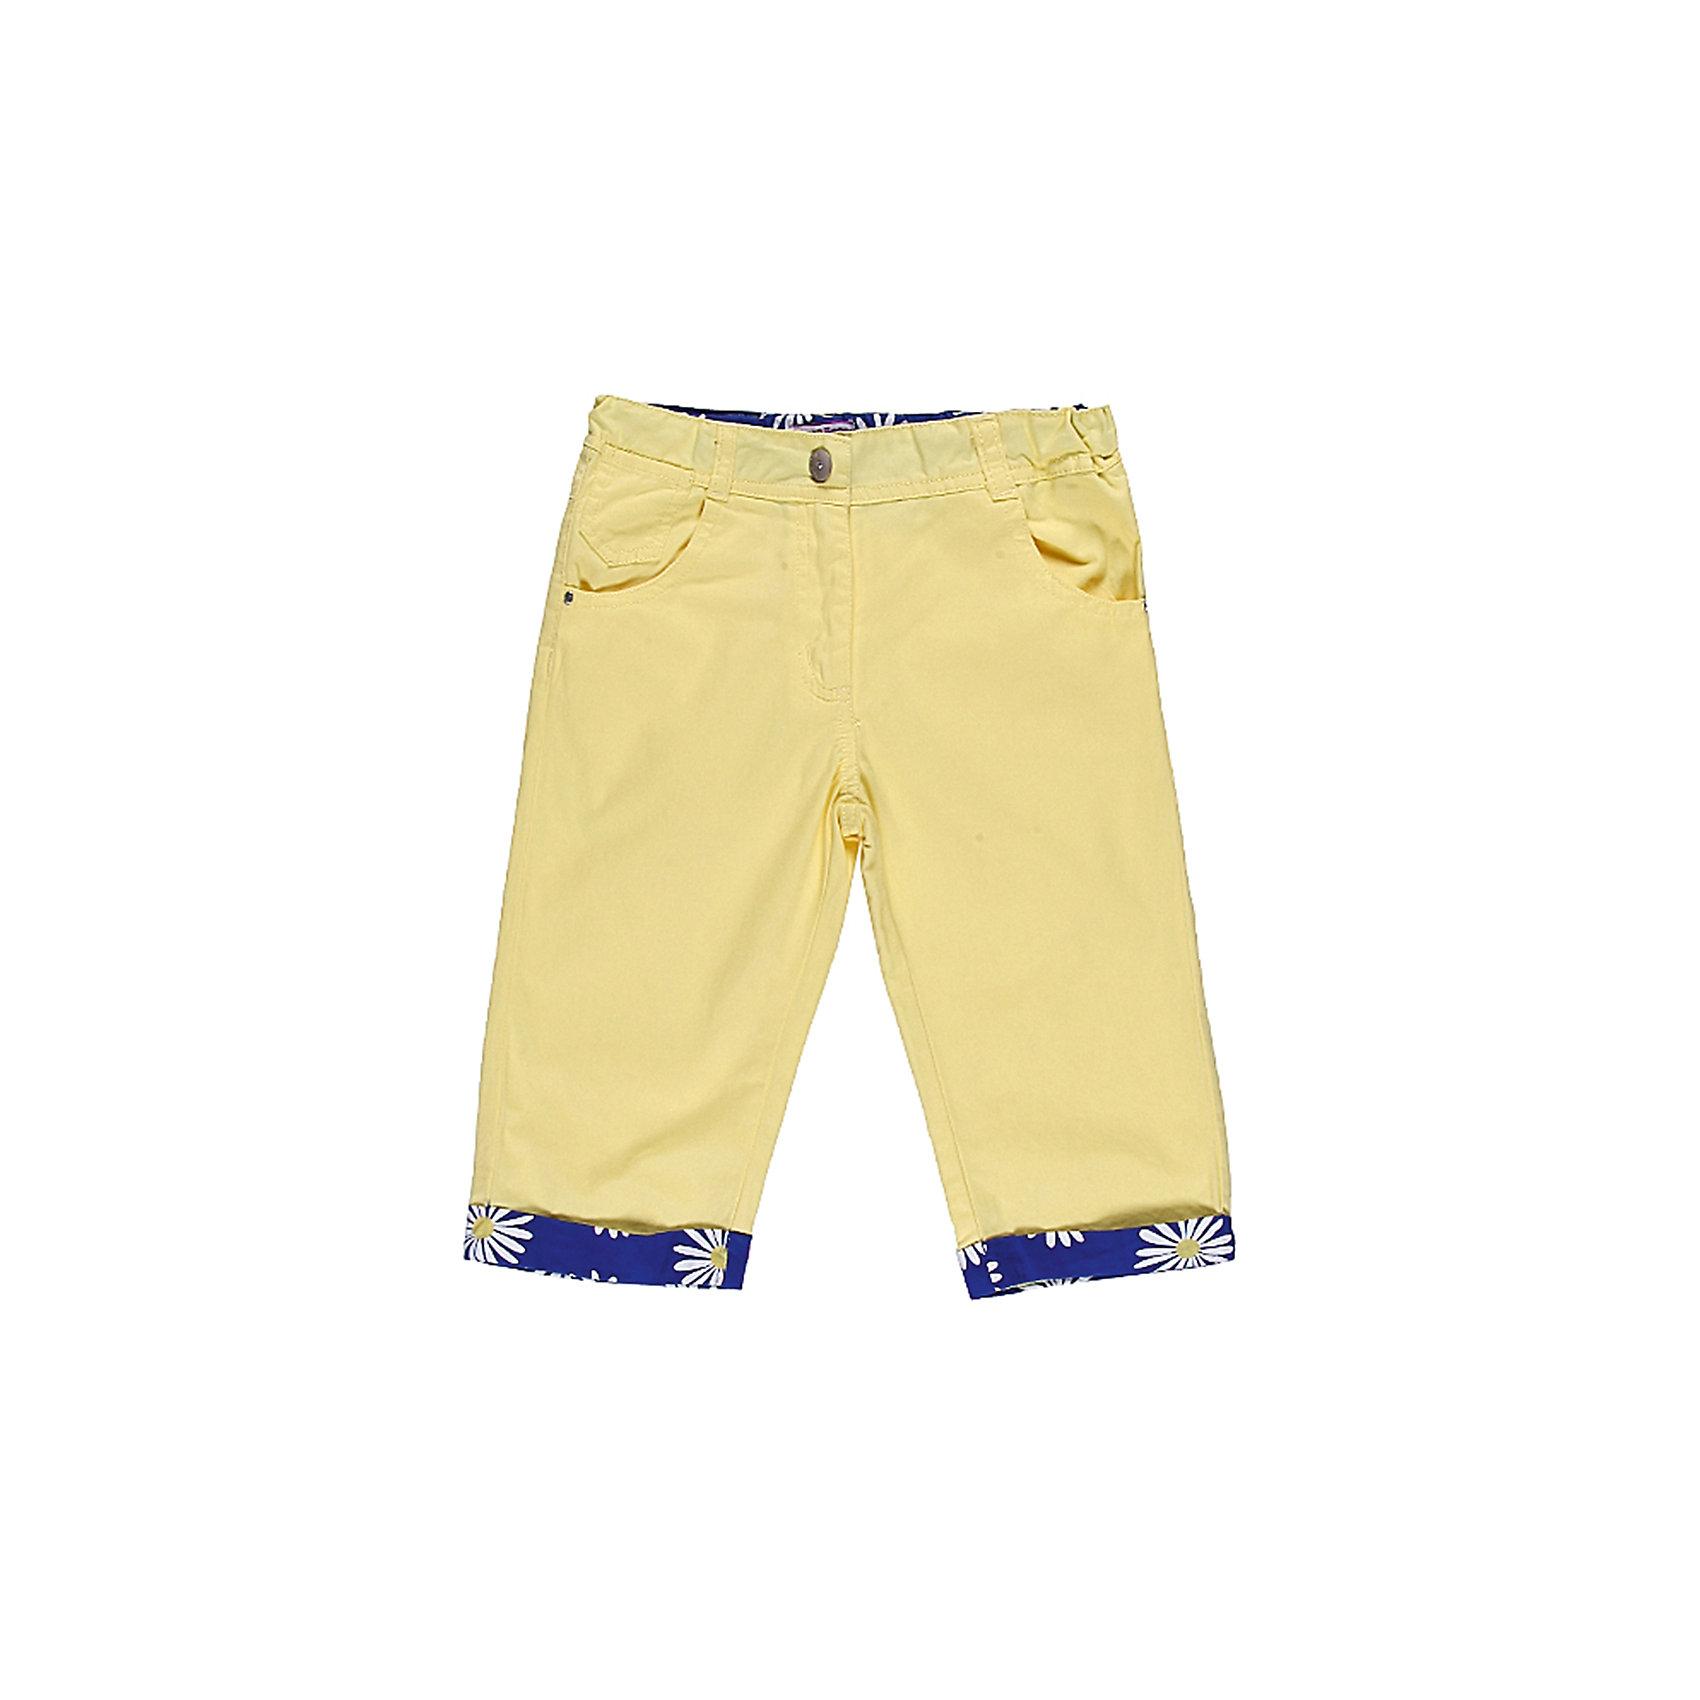 Бриджи для девочки Sweet BerryЛетние брюки на девочку, из тонкого поплина. Четыре функциональных кармана, Модель декорирована вставками из принтованной ткани. Есть утяжки.<br>Состав:<br>100% хлопок<br><br>Ширина мм: 191<br>Глубина мм: 10<br>Высота мм: 175<br>Вес г: 273<br>Цвет: желтый<br>Возраст от месяцев: 60<br>Возраст до месяцев: 72<br>Пол: Женский<br>Возраст: Детский<br>Размер: 116,122,128,104,110,98<br>SKU: 4520824